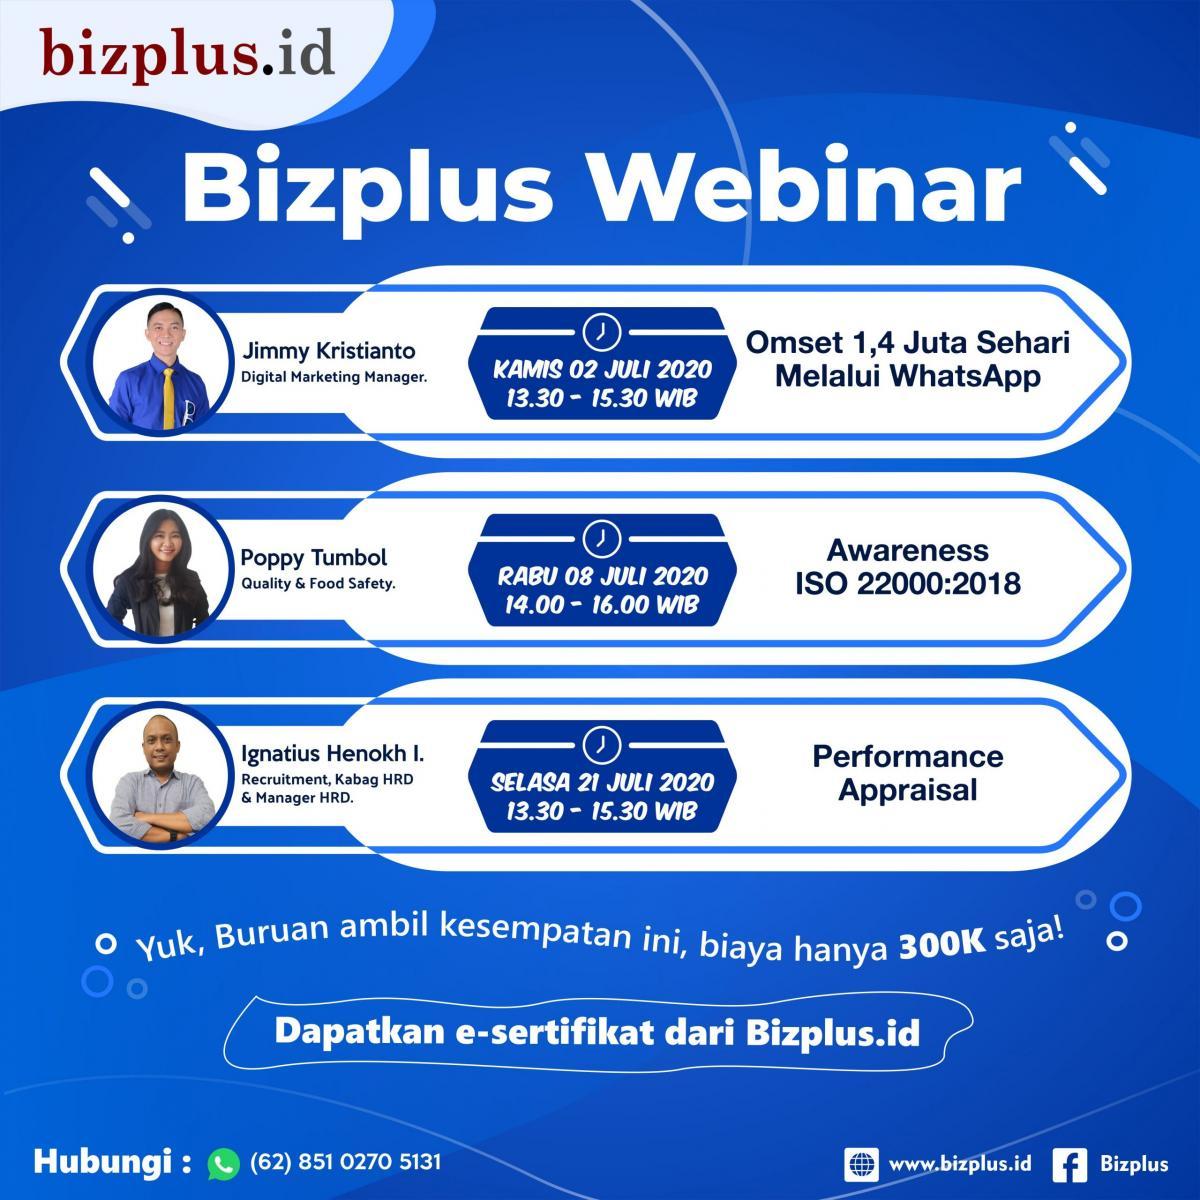 Bizplus Webinar Online Bulan Juli 2020 (IG) 1